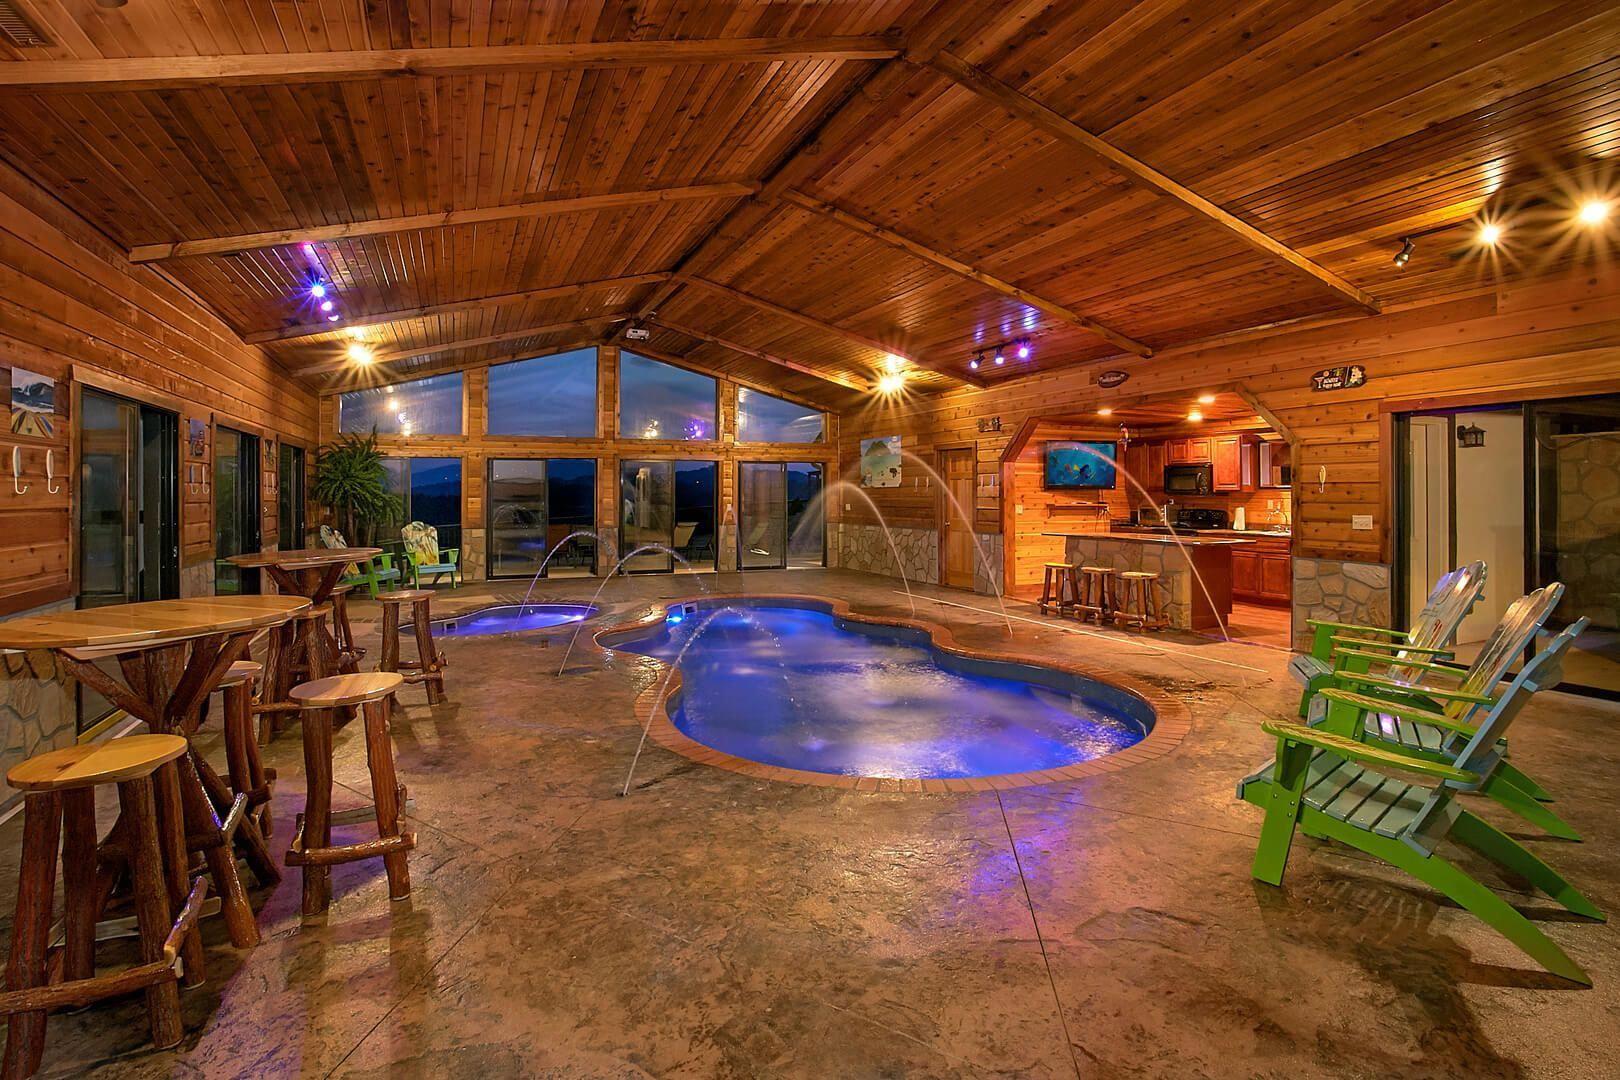 Ropa De Cama De Lujo Dormitoriomansion Indoor Pools Casas De Lujo Cabana De Lujo